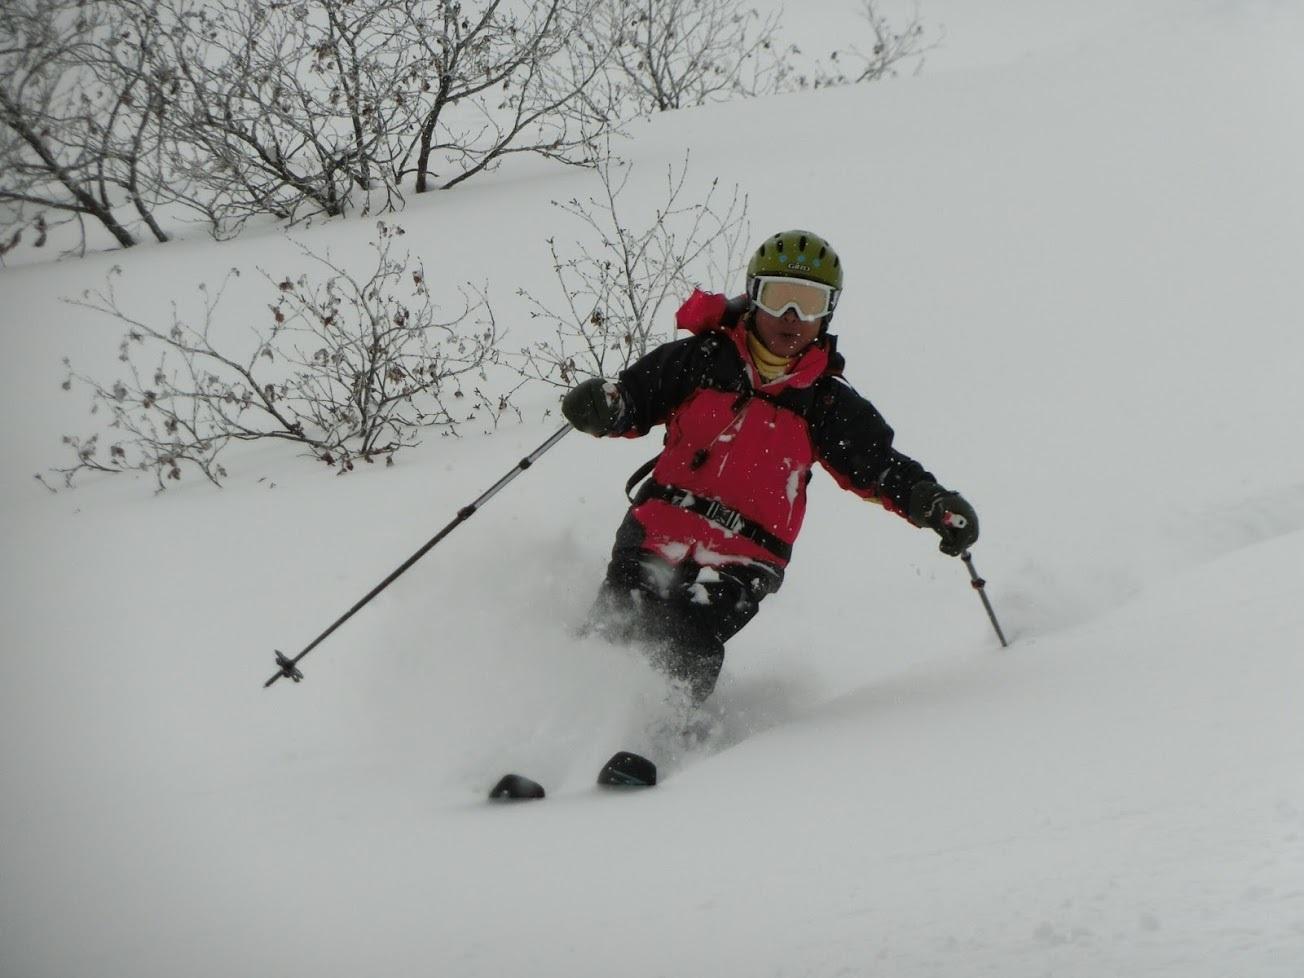 2017年1月21日朝里岳を滑る-2_c0242406_12160920.jpg